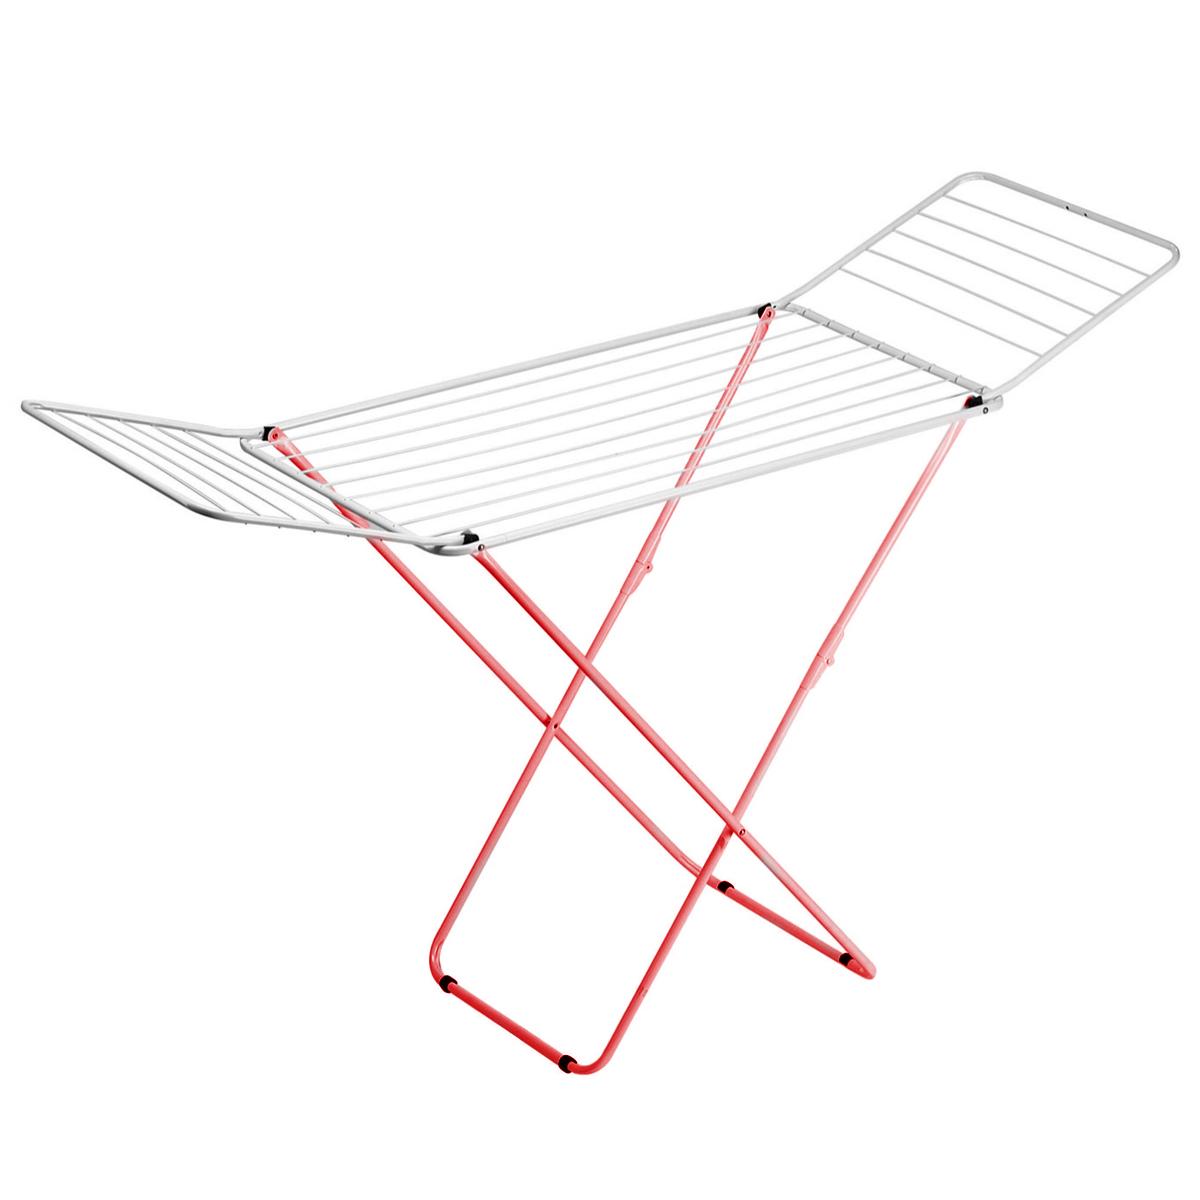 Сушилка для белья Gimi Top, напольная, цвет: белый, красный, 199 см х 55 см х 93 смGC204/30Напольная сушилка для белья Gimi Top проста и удобна в использовании, компактно складывается, экономя место в вашей квартире. Сушилку можно использовать на балконе или дома. Общая длина реек сушилки составляет 20 метров, они выдерживают 2 стандартные загрузки стиральной машины после стирки и отжима. Также сушилка имеет дополнительный держатель для маленьких вещей (носки, платки, перчатки и тому подобное).